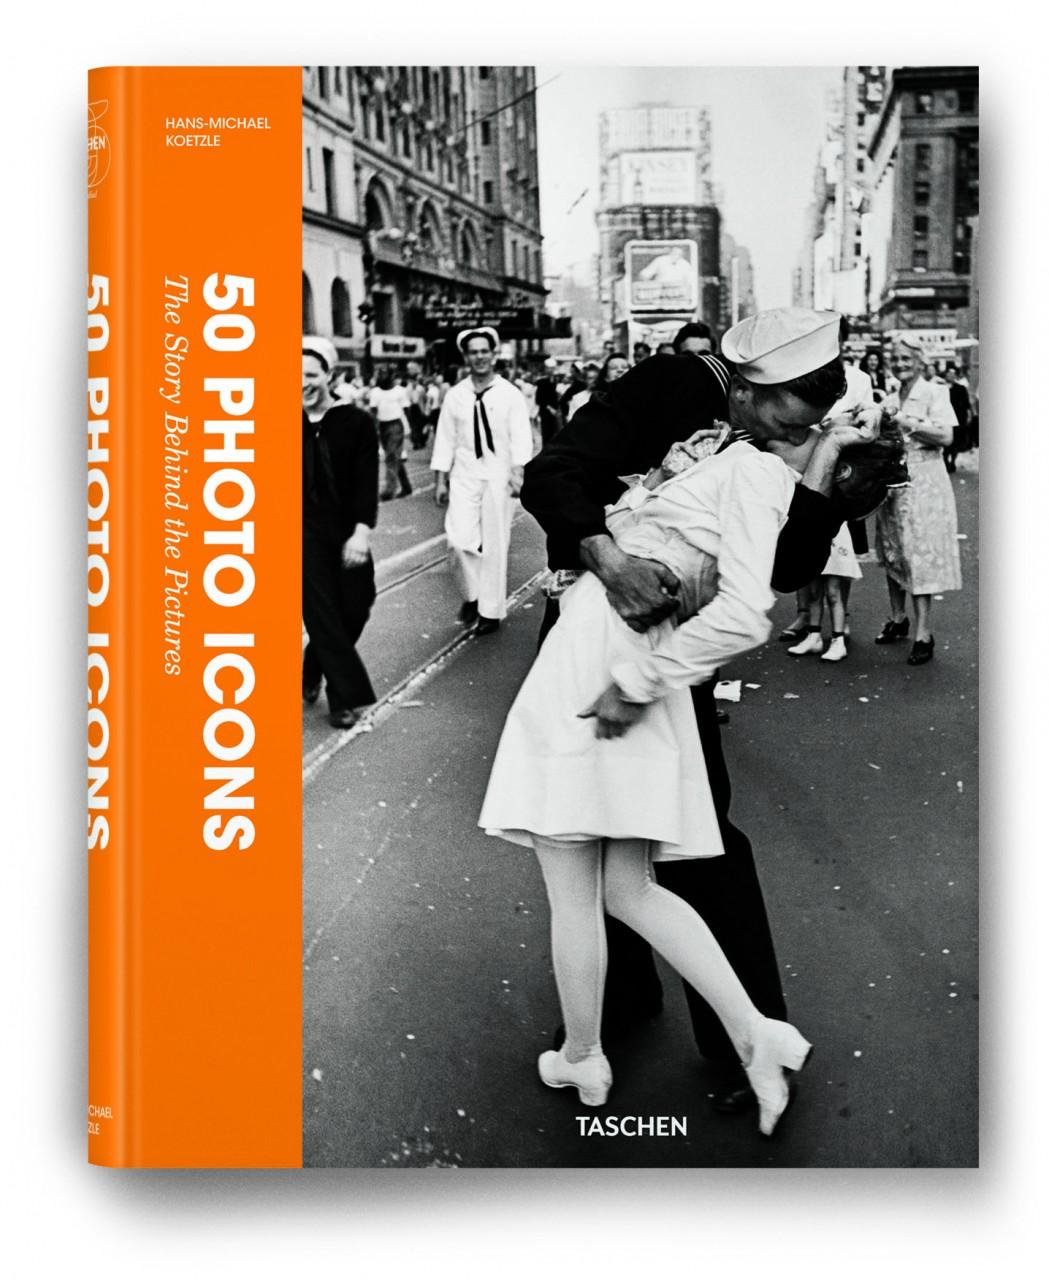 TASCHEN: 50 icone della fotografia